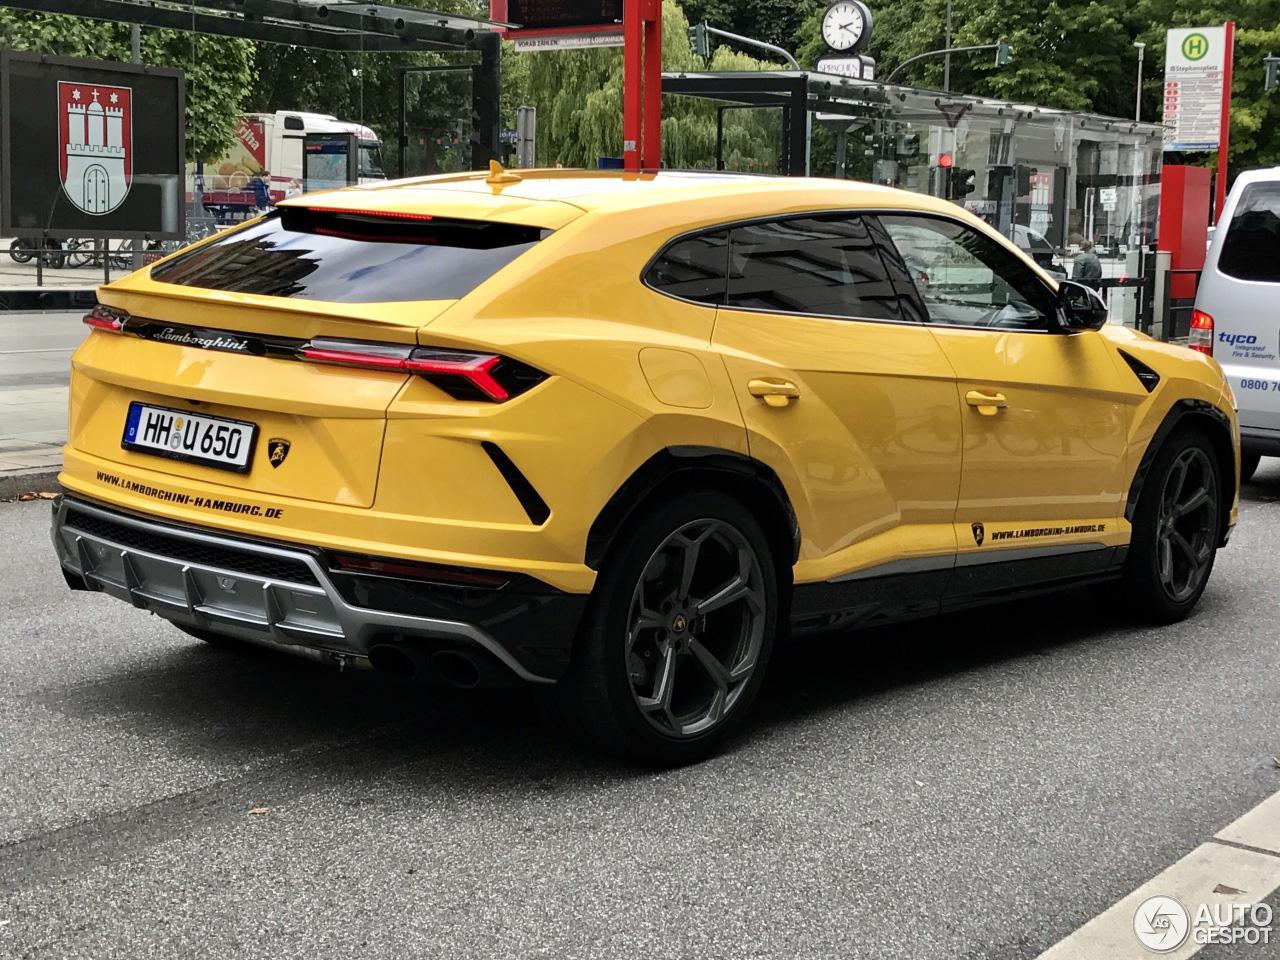 Lamborghini Urus springt eruit in het geel